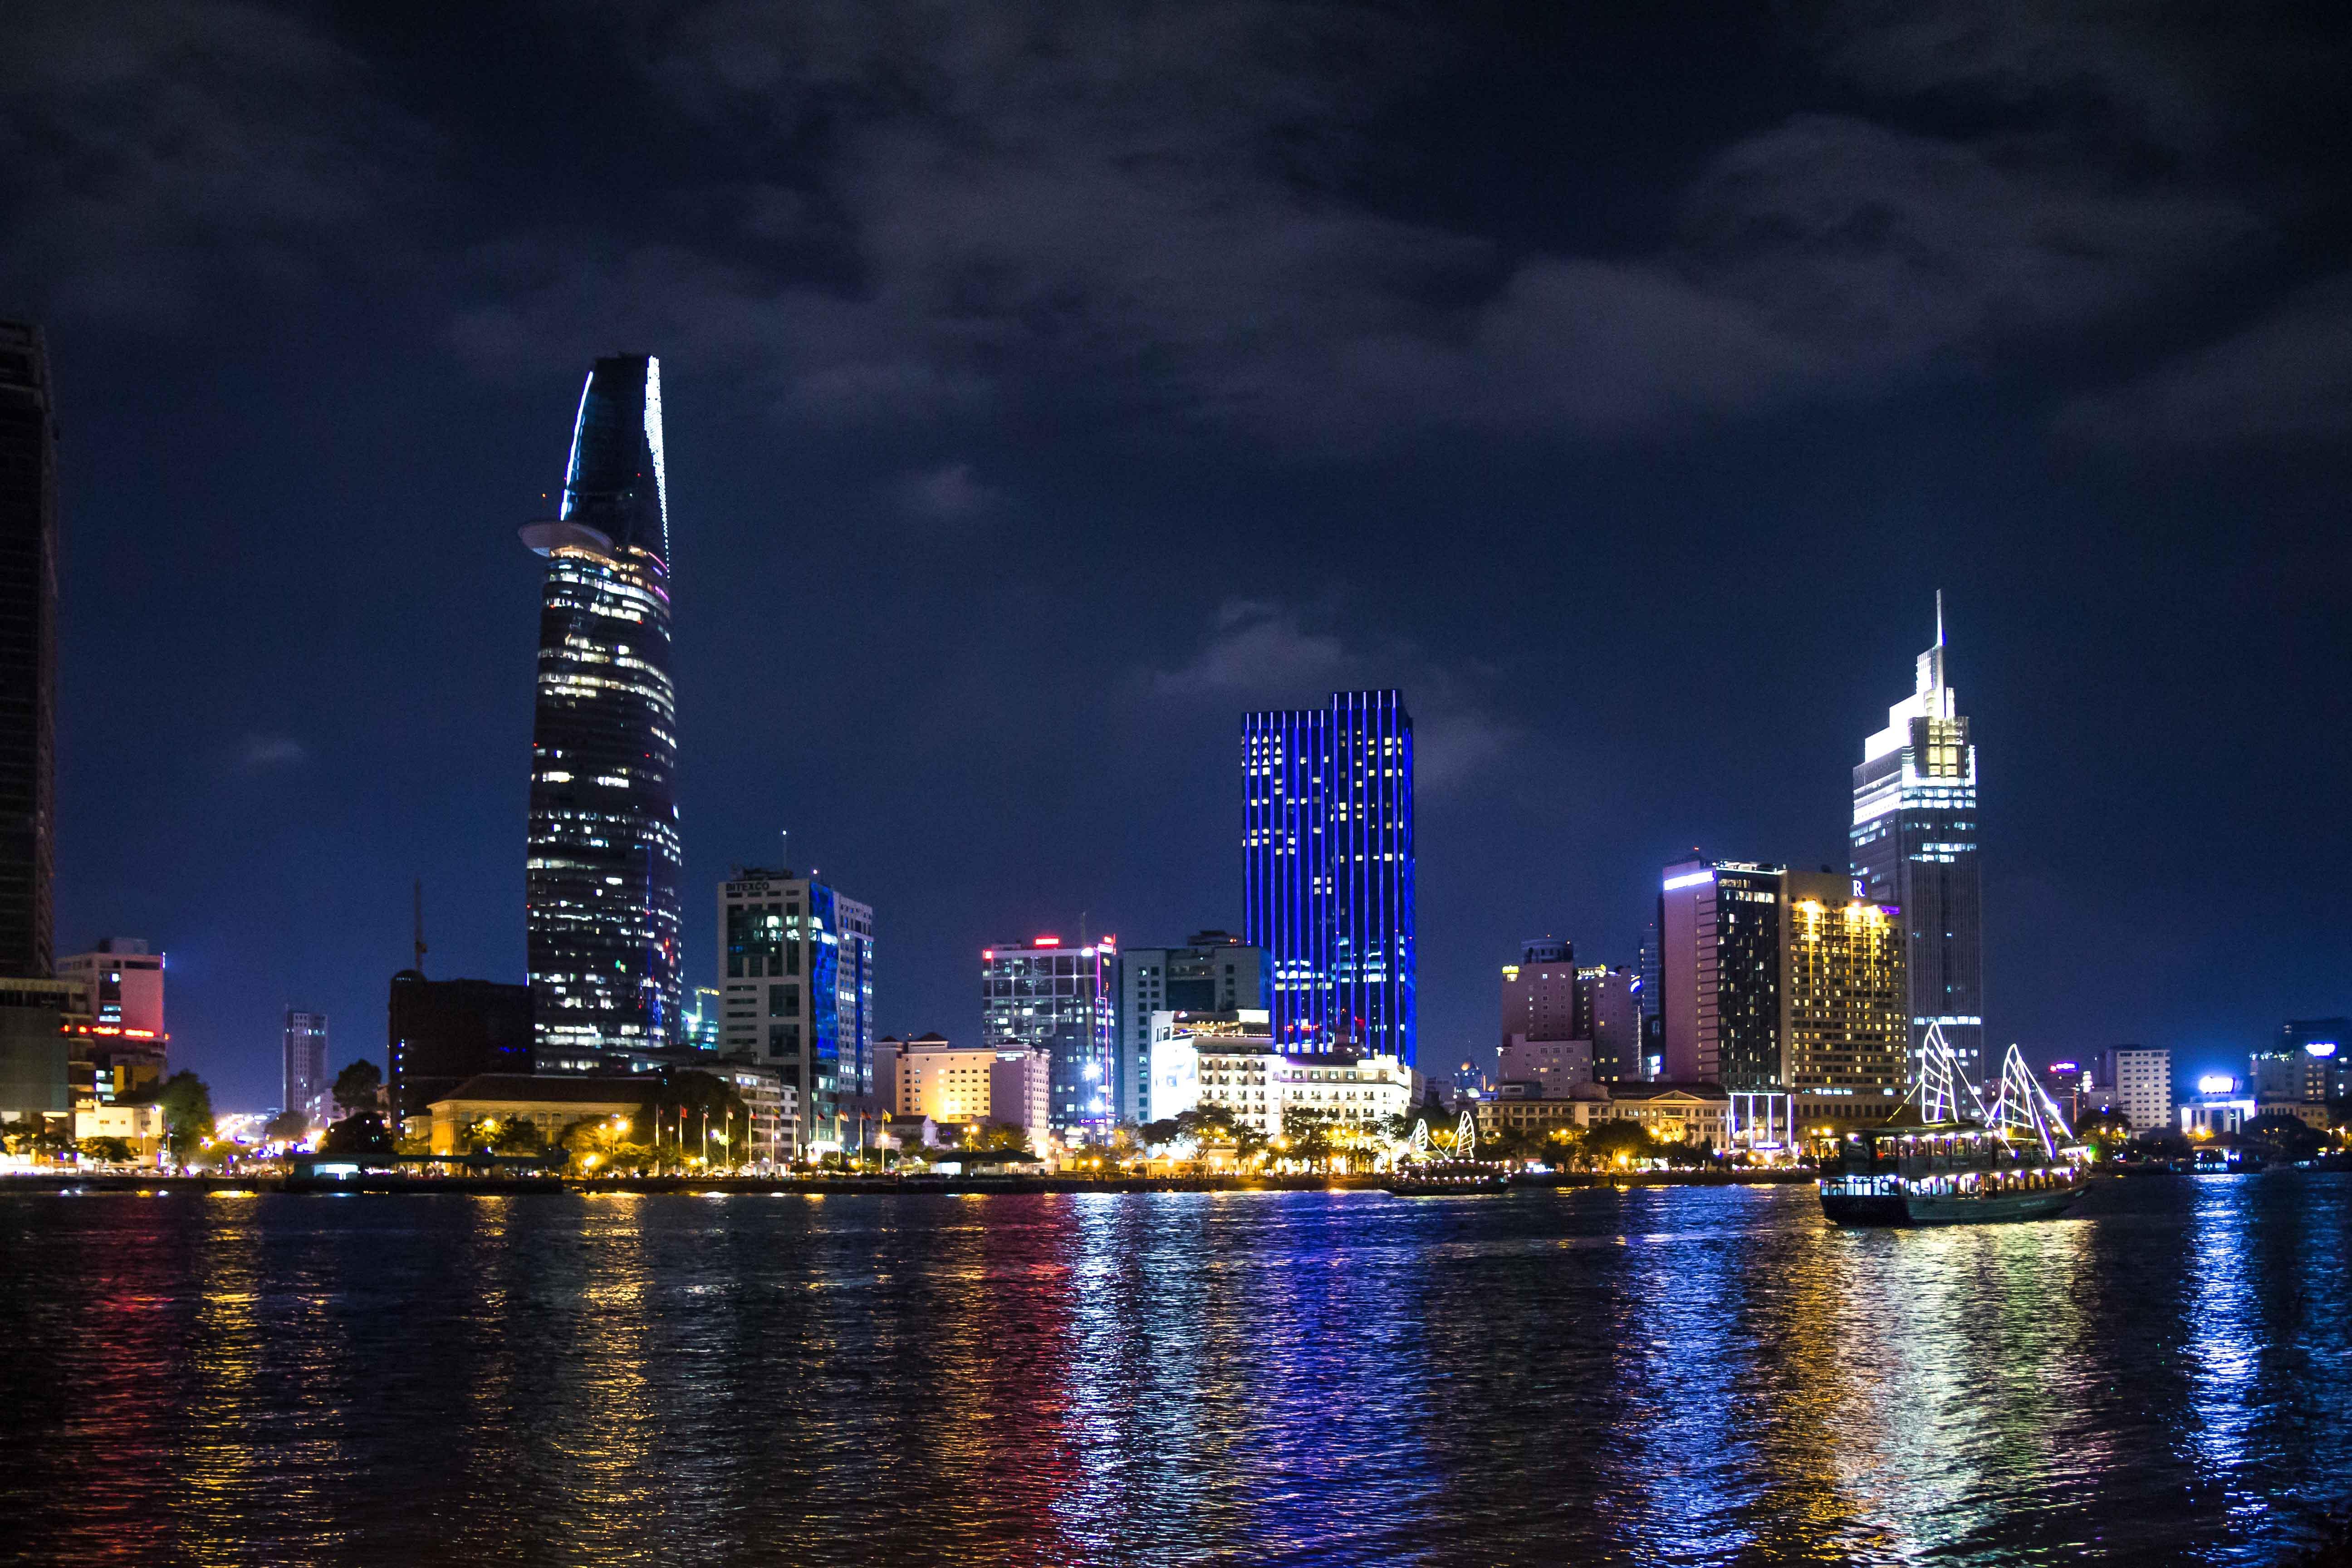 South Vietnam Saigon Ho Chi Minh City